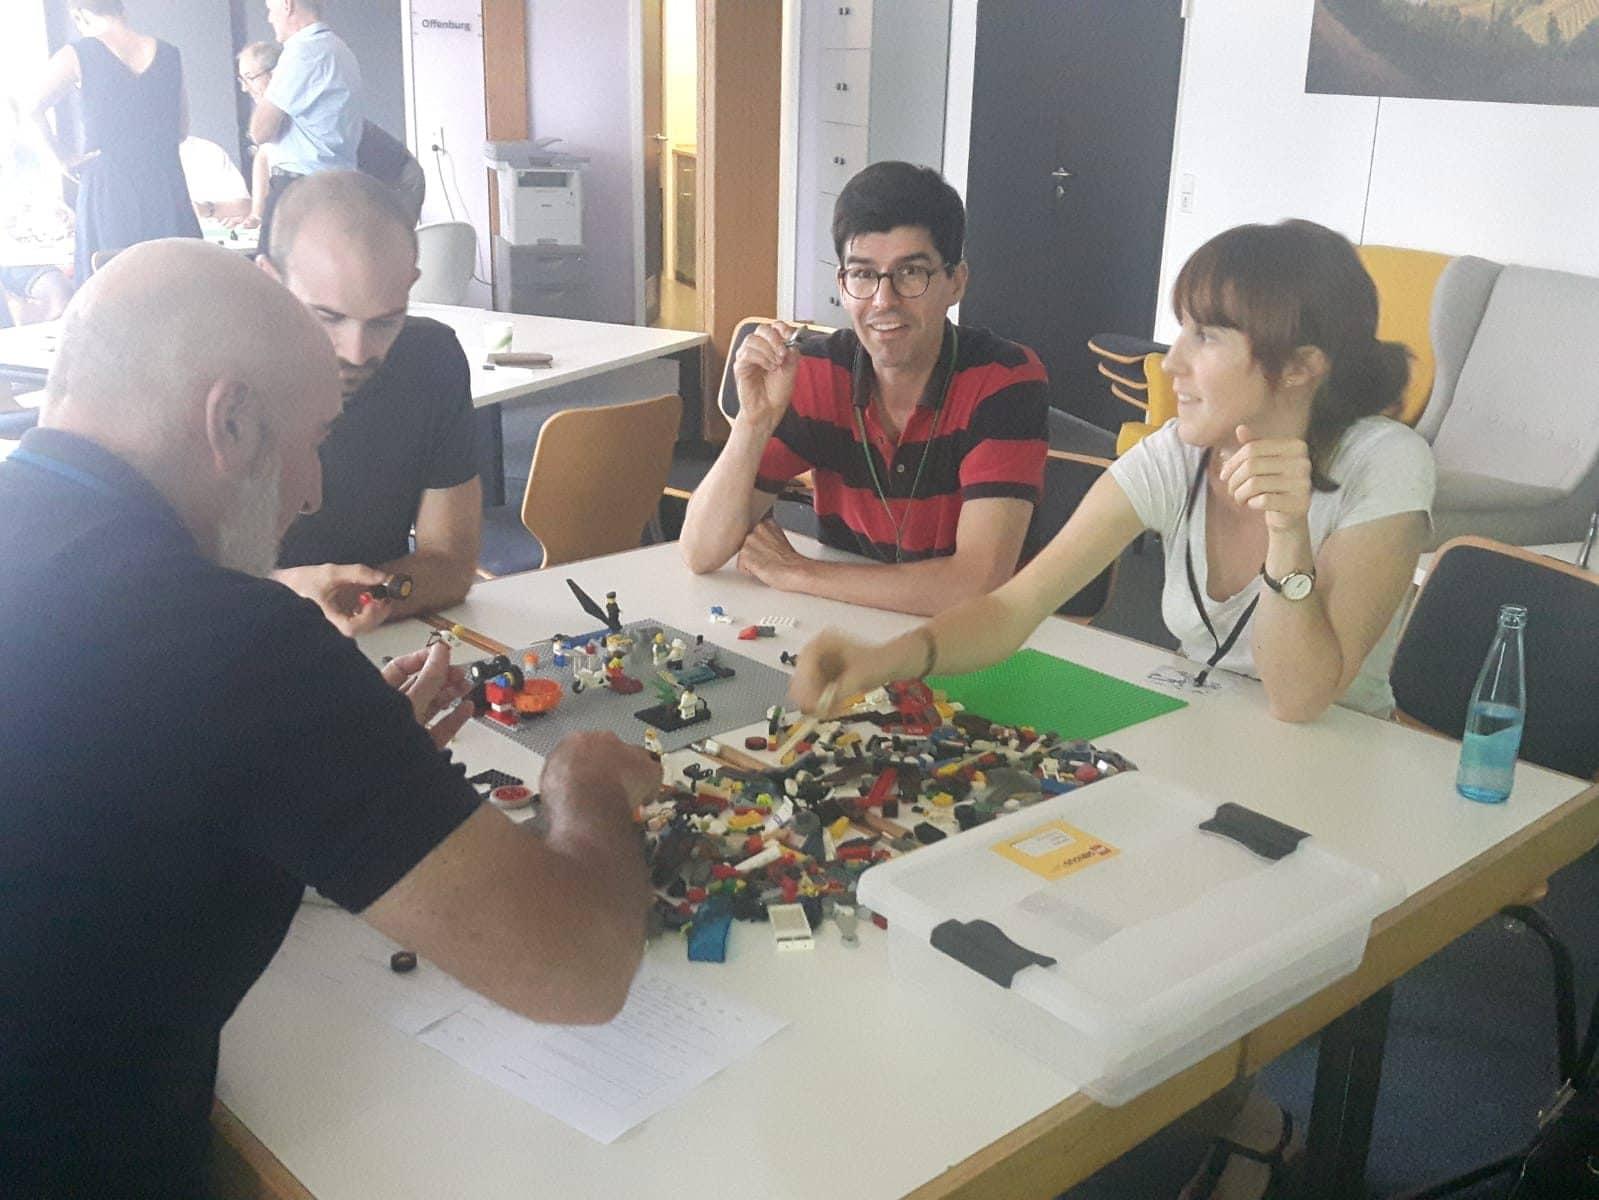 Foto vom Workshop Bildung 4.0 für Arbeit 4.0